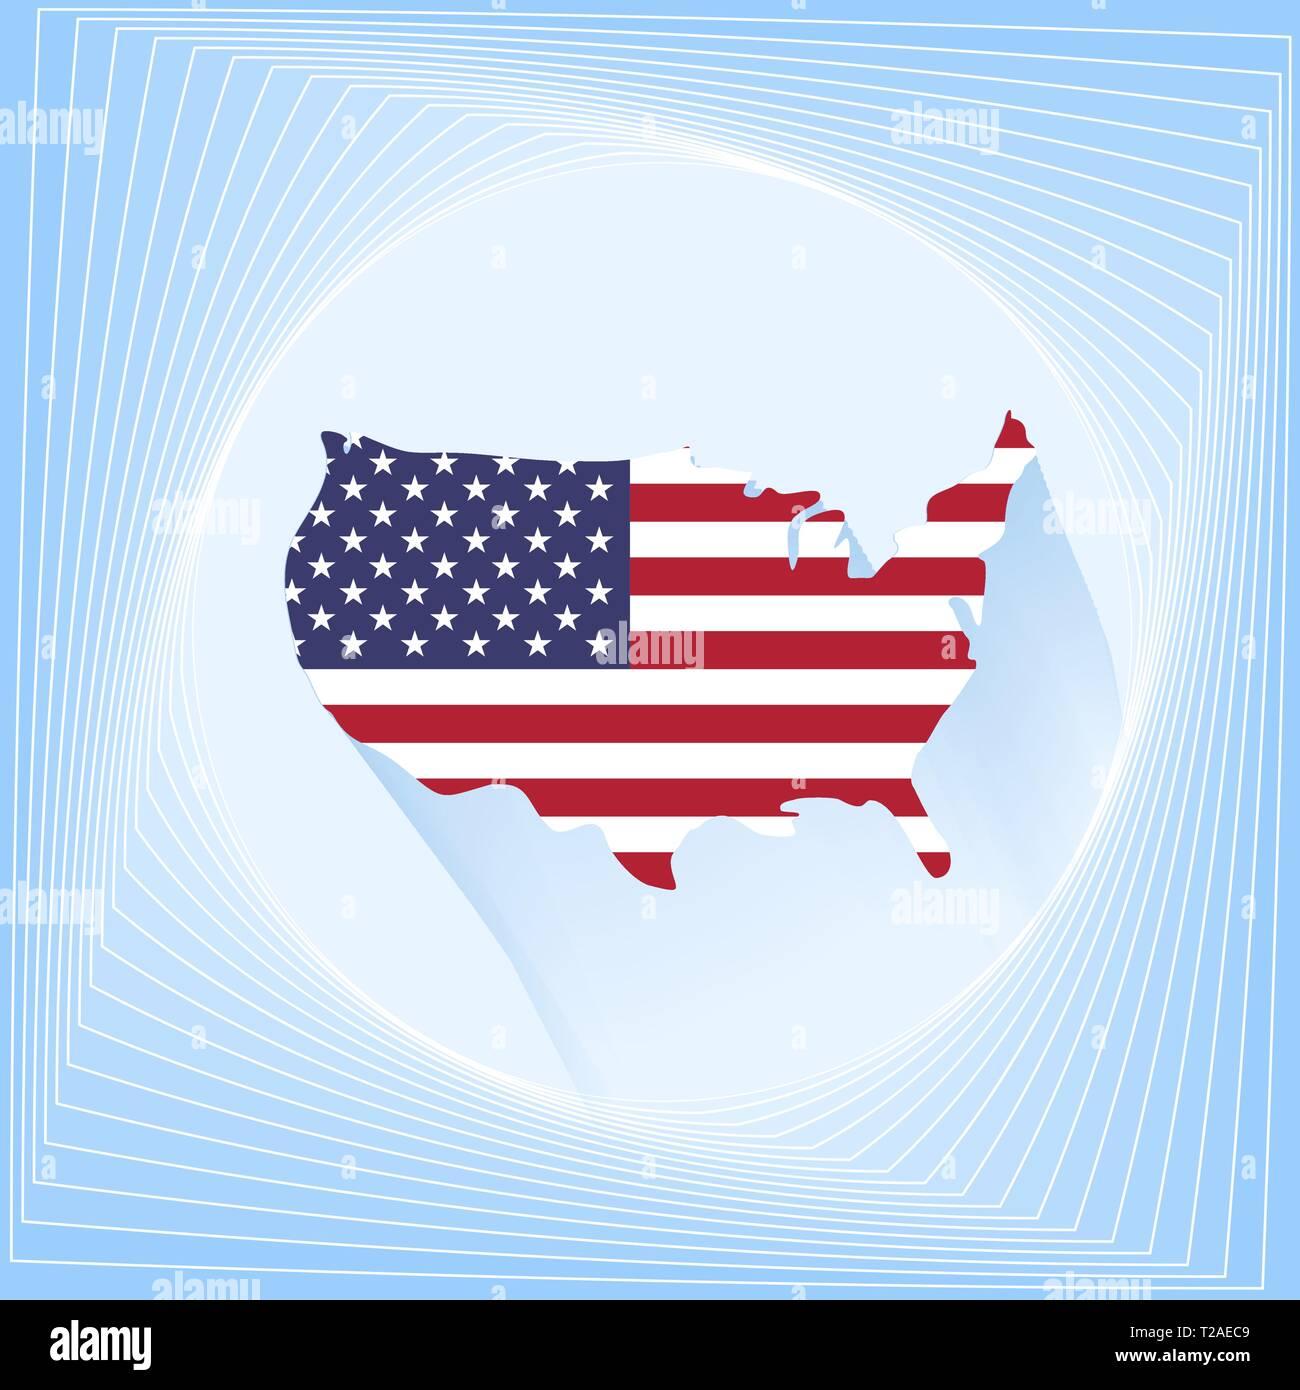 Usa flag map icon template. Icon design vector - Stock Vector